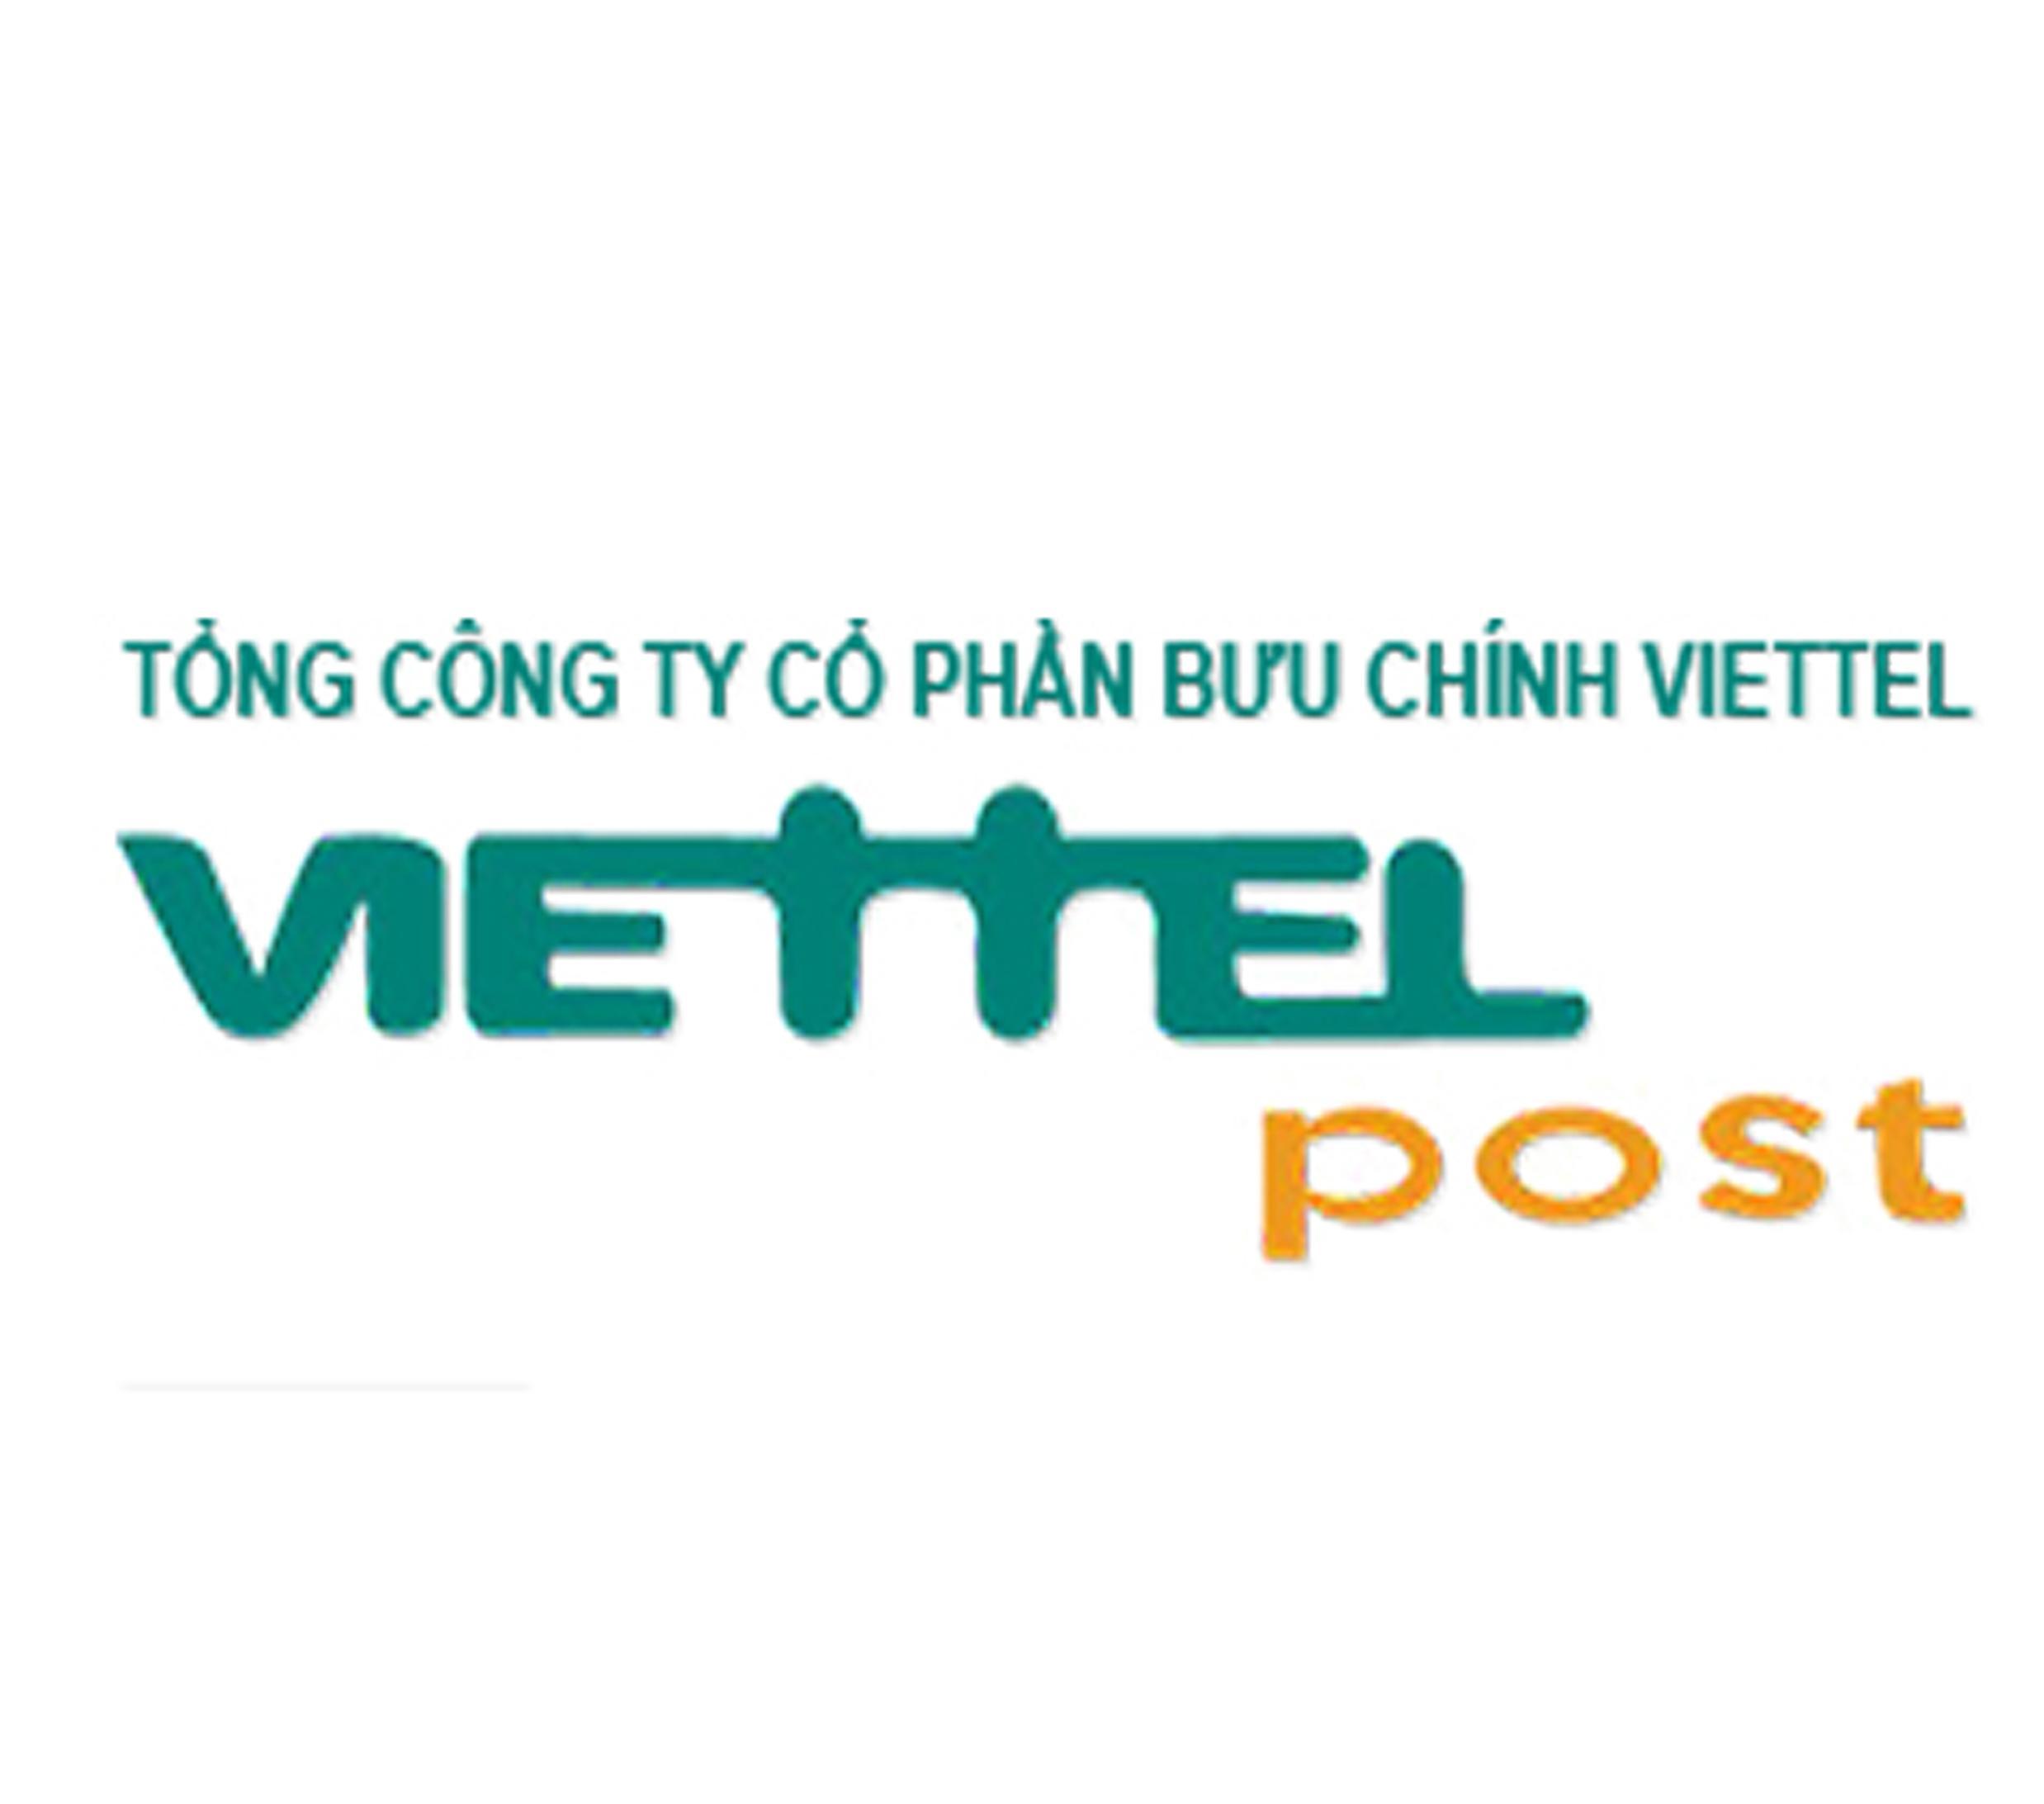 VIETTEL POST JOINT STOCK CORPORATION